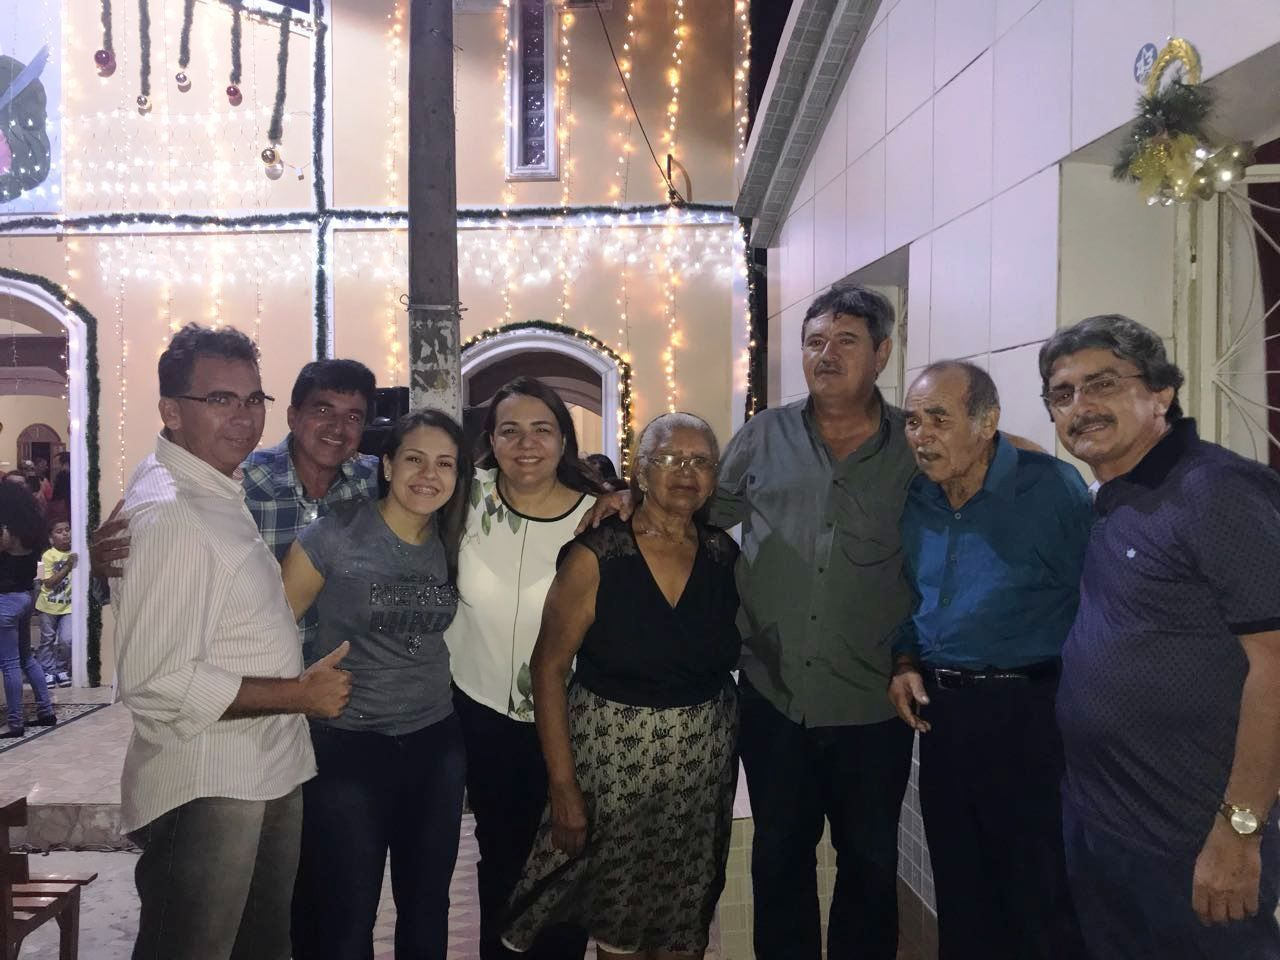 Festa de Santa Luzia reúne autoridades e cumunidade em Belo Jardim